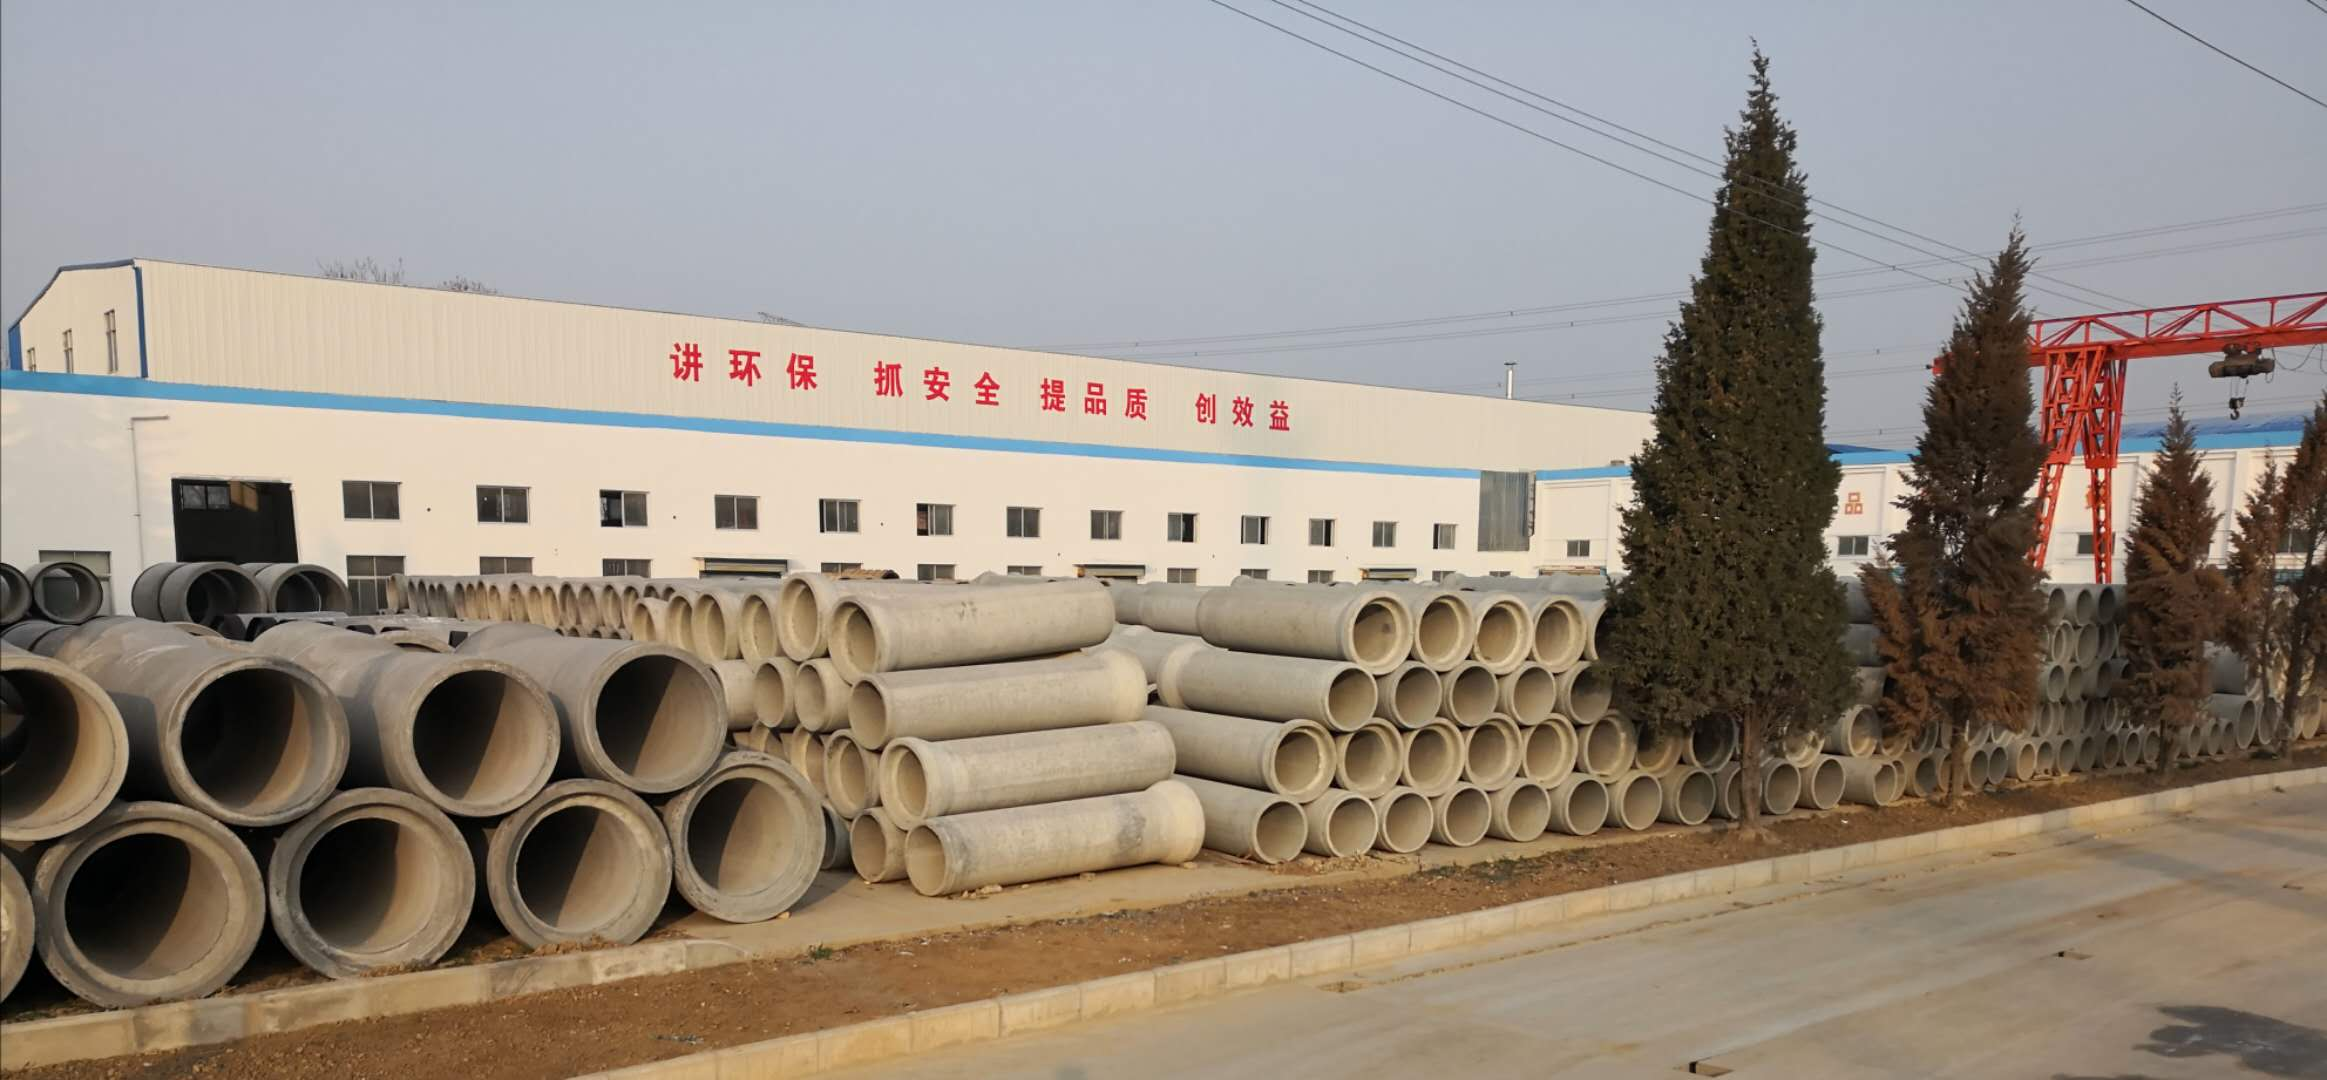 大家了解水泥排水管的制作工艺吗?